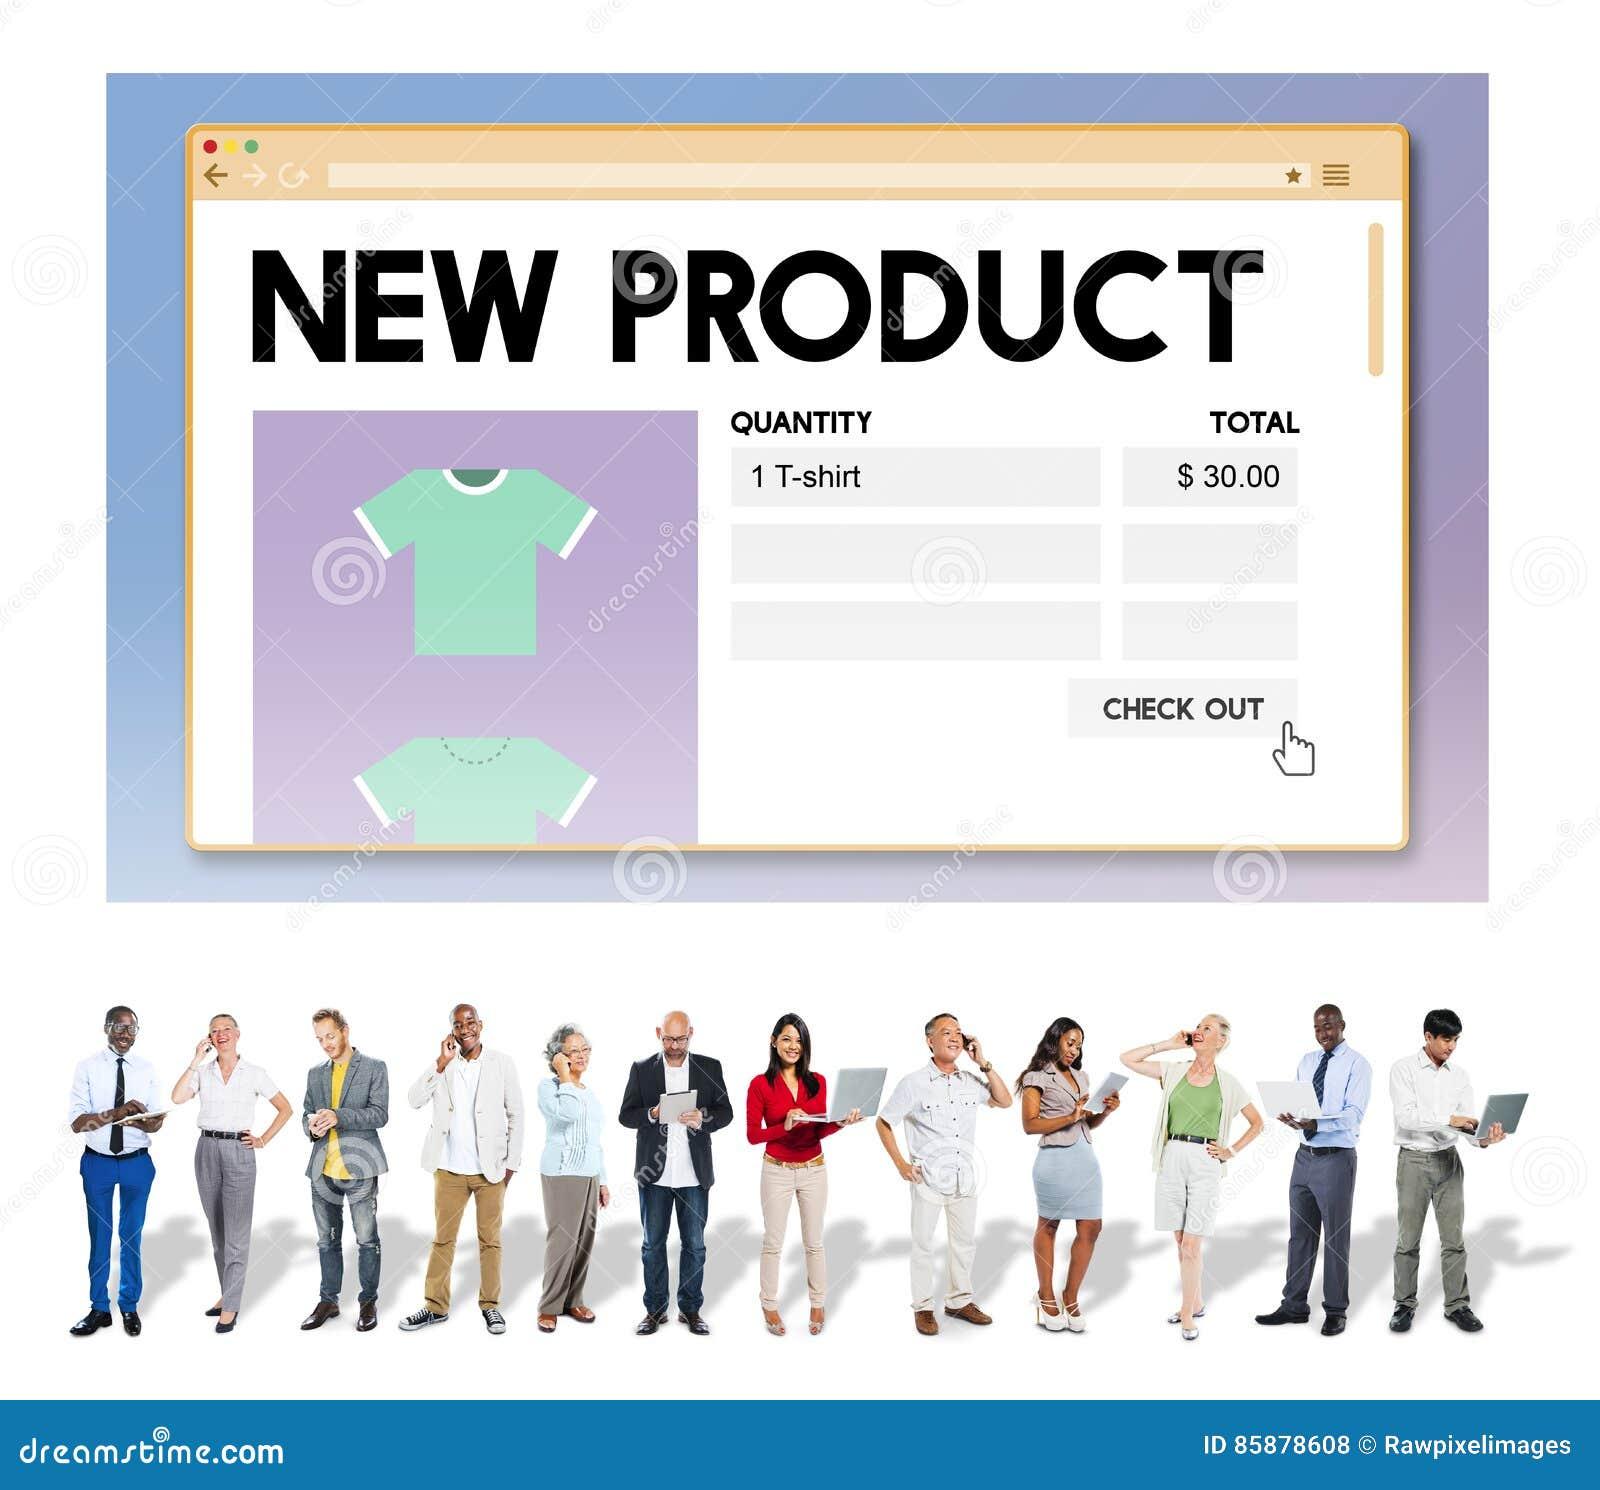 Έννοια υπηρεσιών μάρκετινγκ προώθησης έναρξης νέων προϊόντων